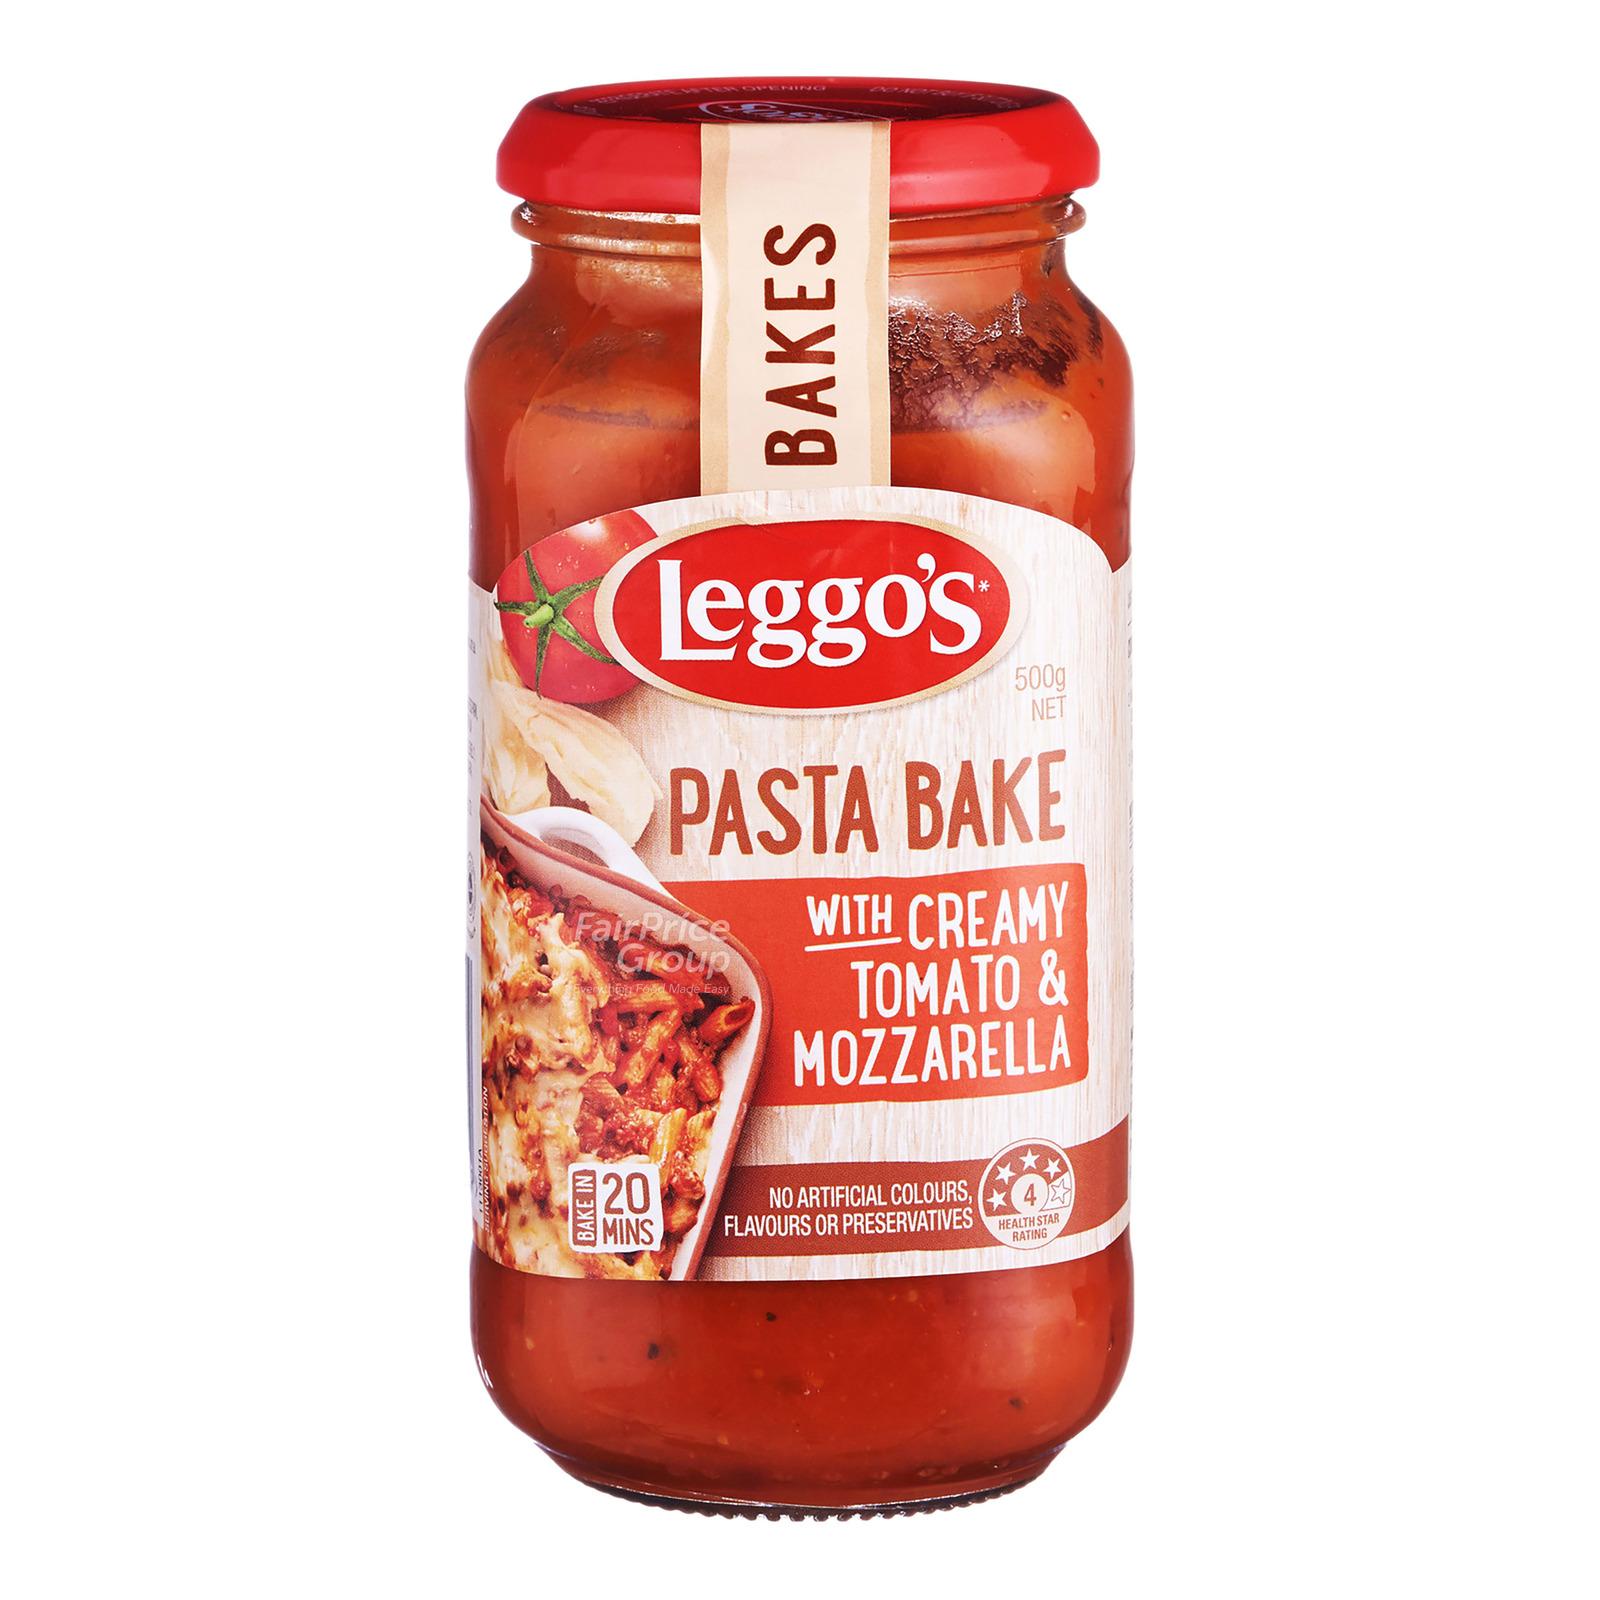 Leggo's Pasta Bake Sauce - Creamy Tomato & Mozzarella